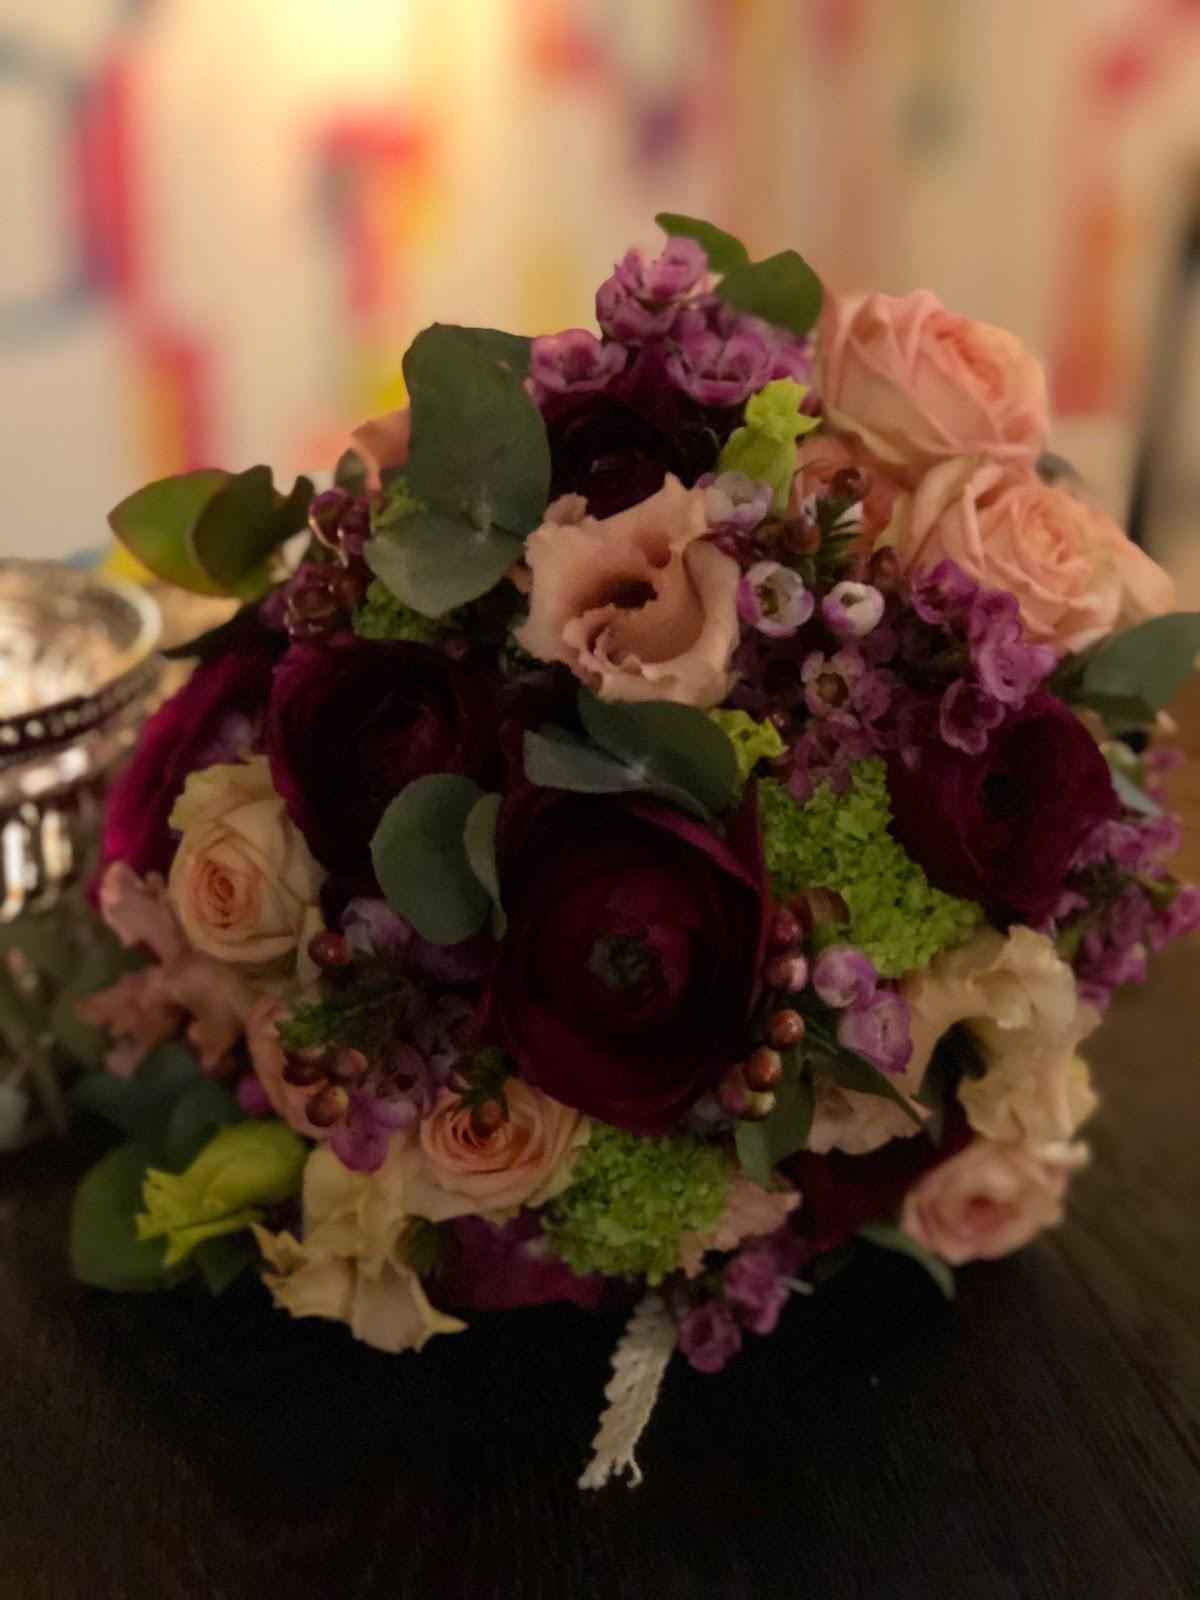 Vintage Brautstrauße, kleine Hochzeit, Standesamt, 4Eck Restaurant, Garmisch-Partenkirchen, 4 weddings & events, Hochzeitsplanung Uschi Glas, heiraten in Garmisch